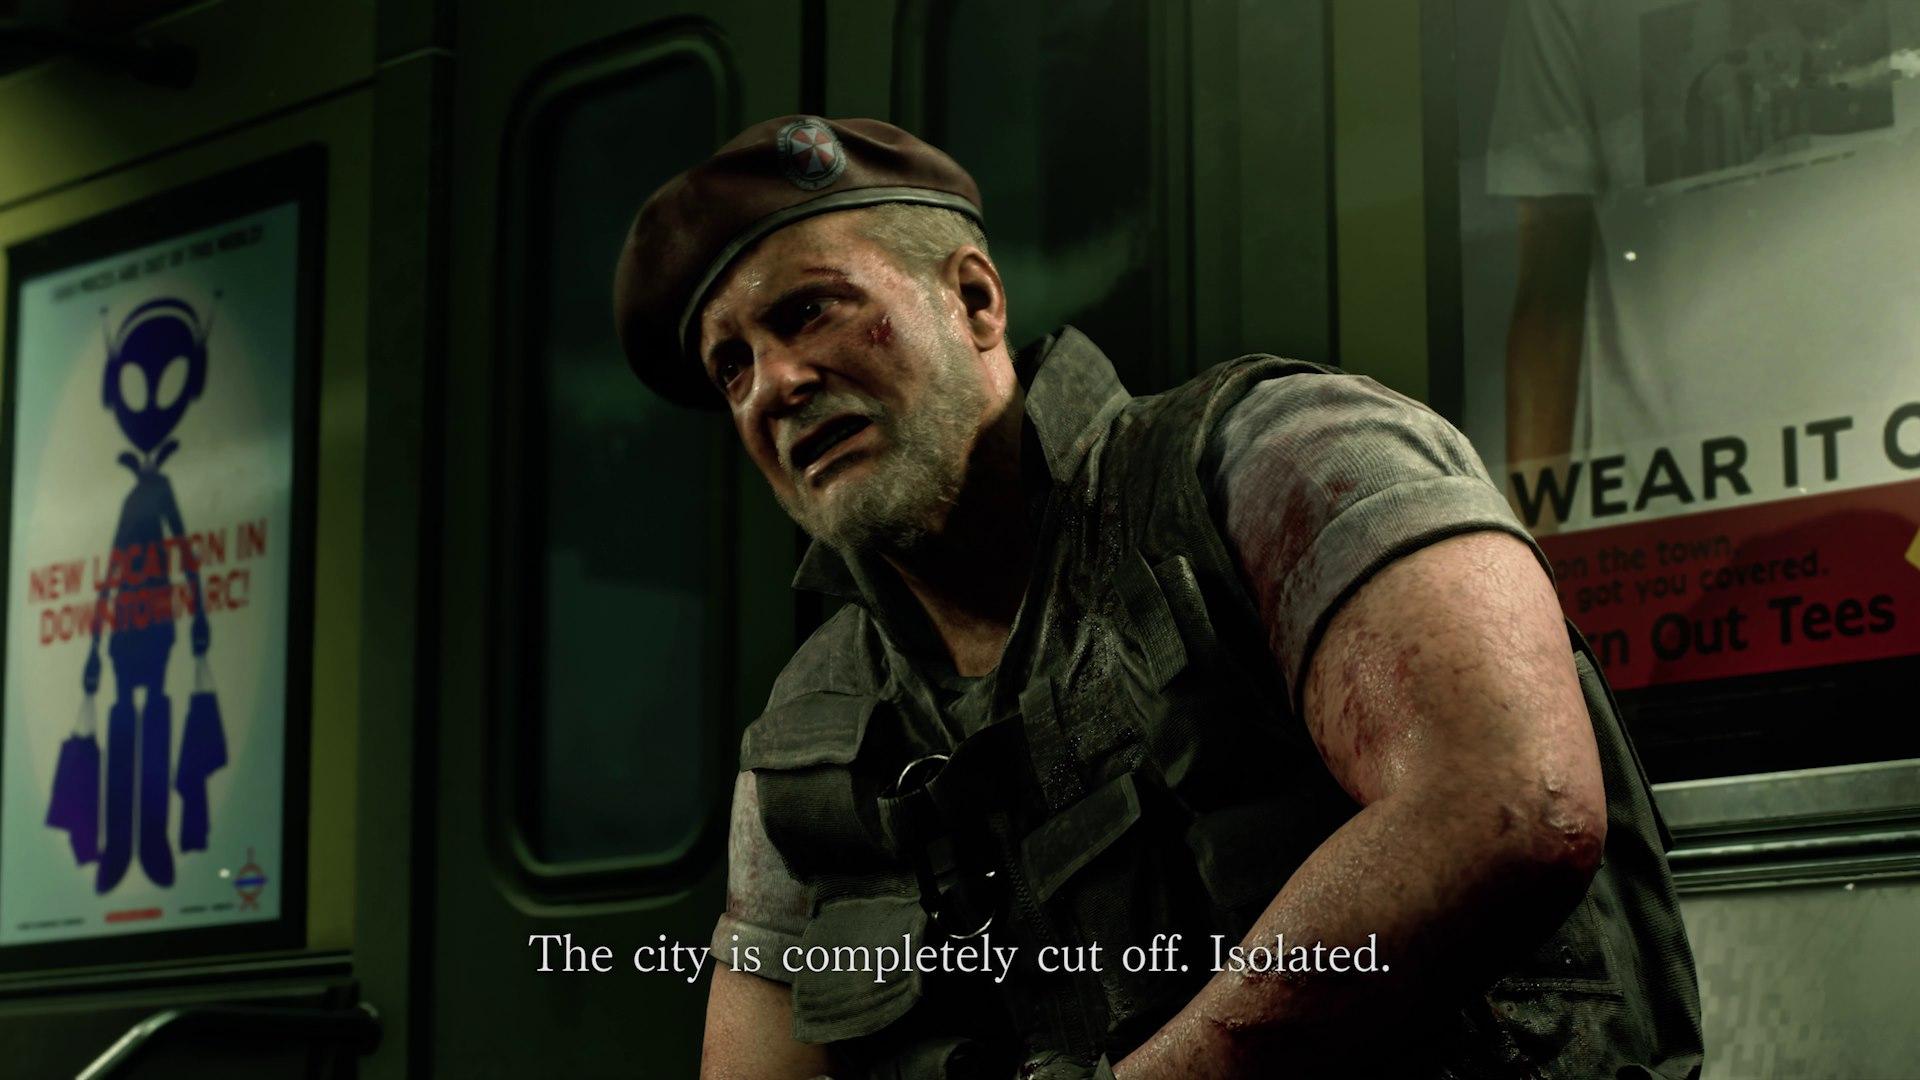 михаил.jpg - Resident Evil 3: Nemesis